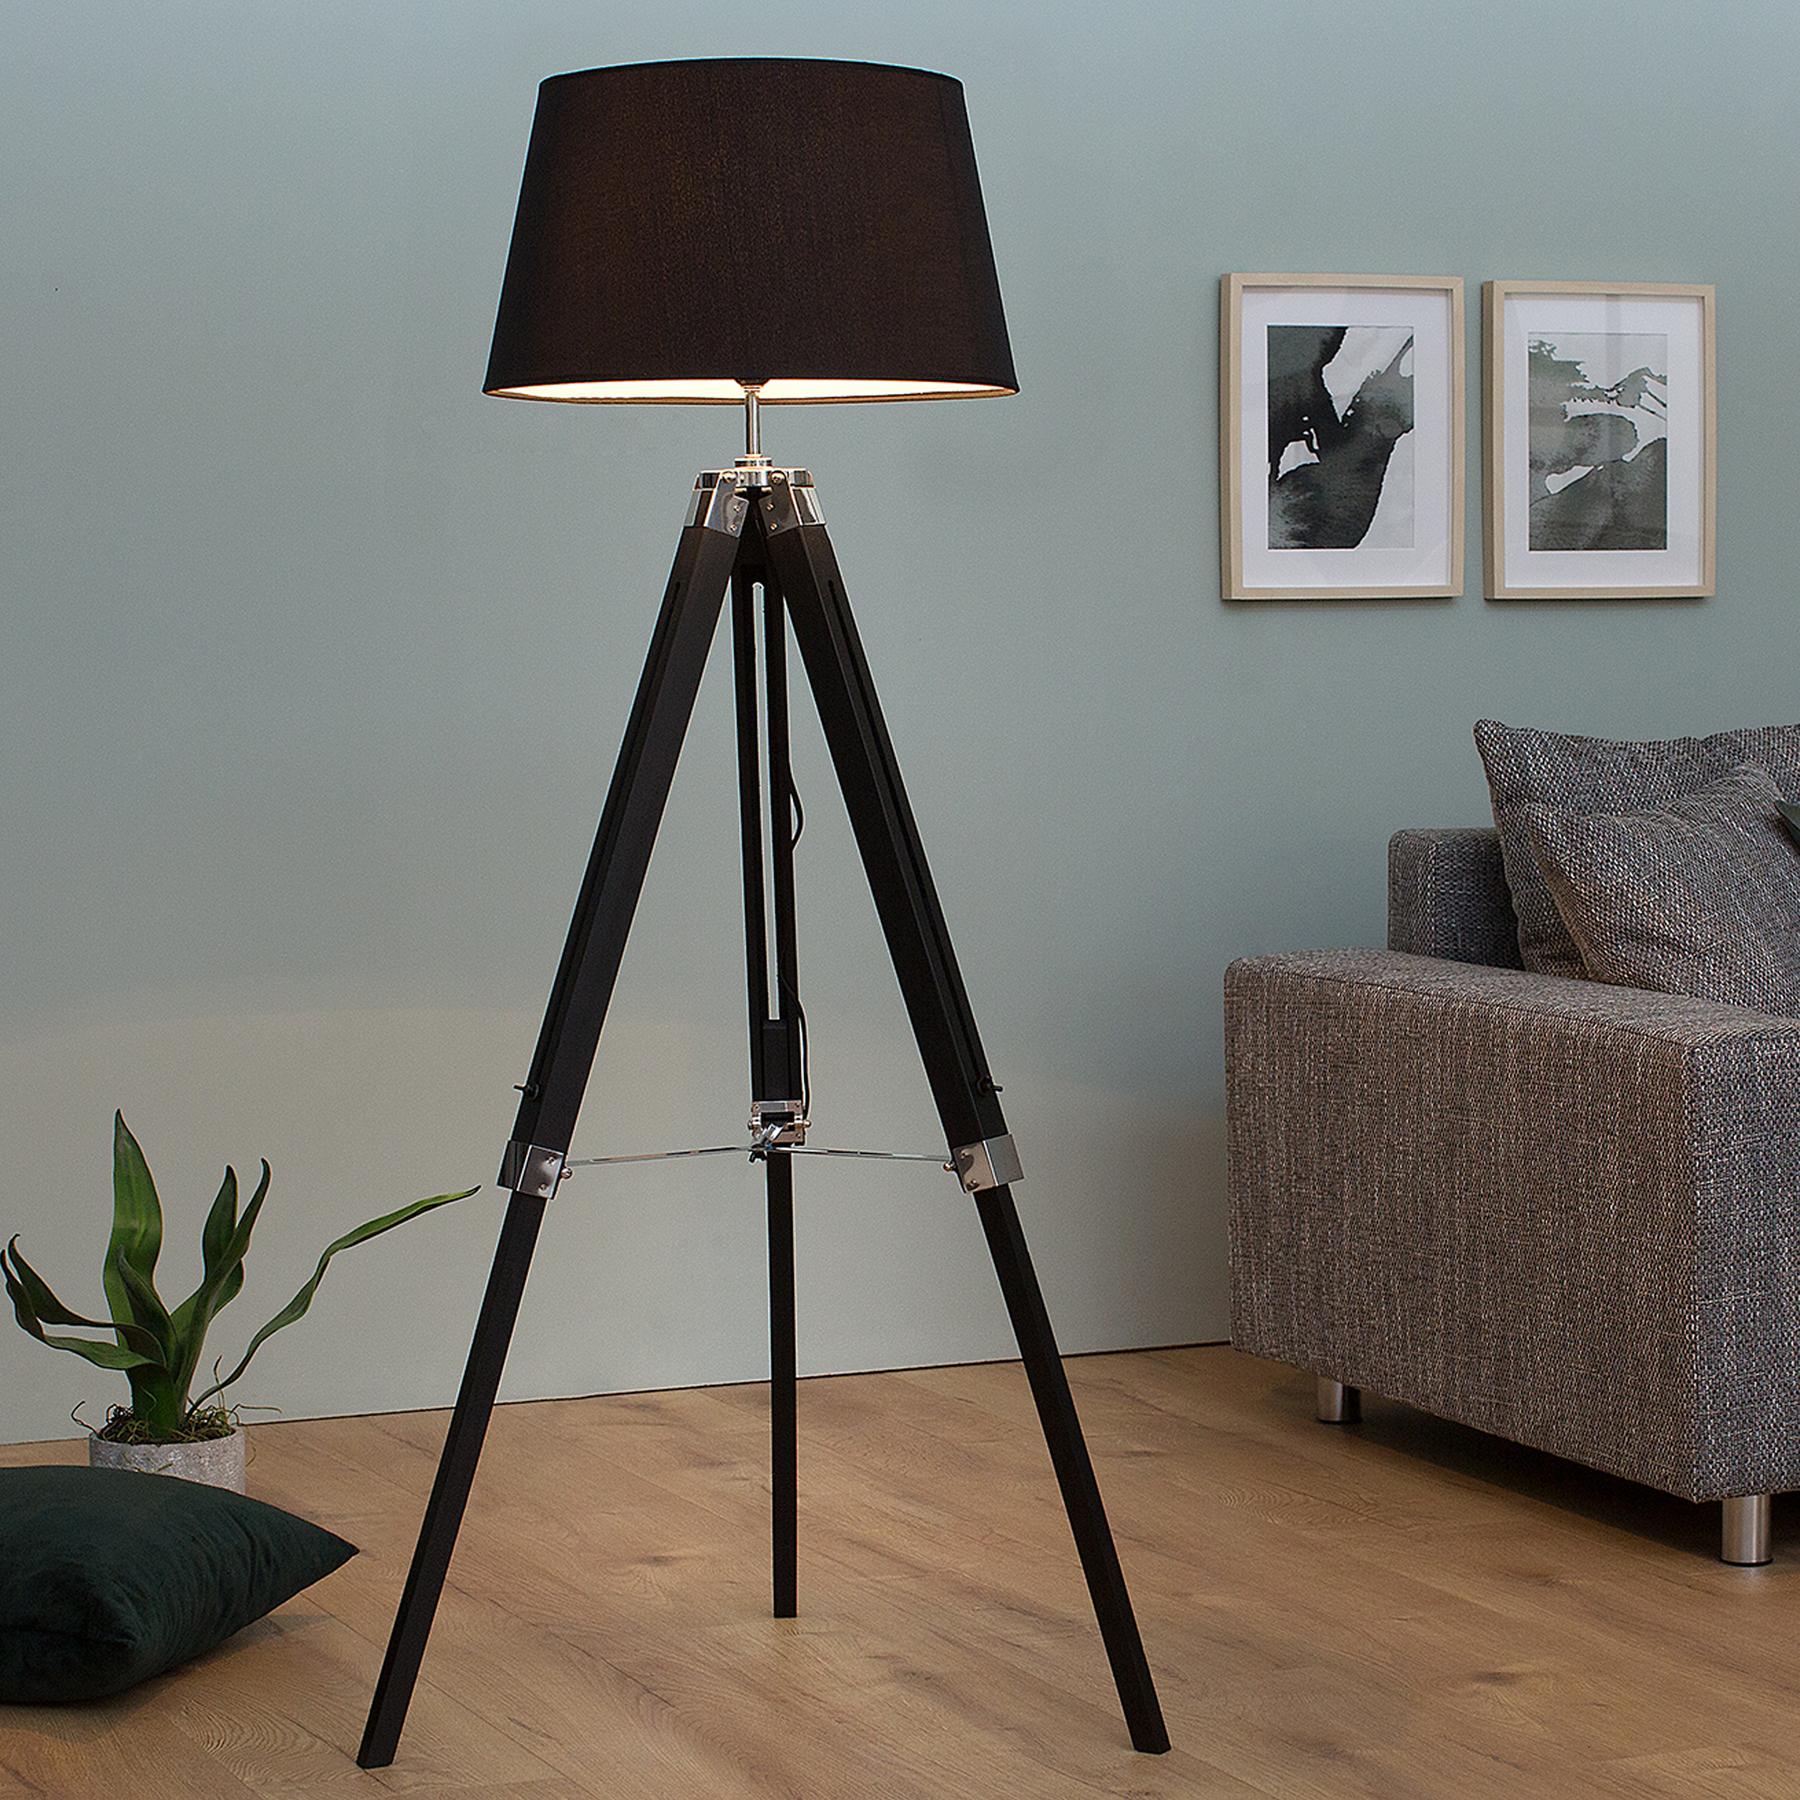 Elegante Design Stehlampe SYLT höhenverstellbar braun